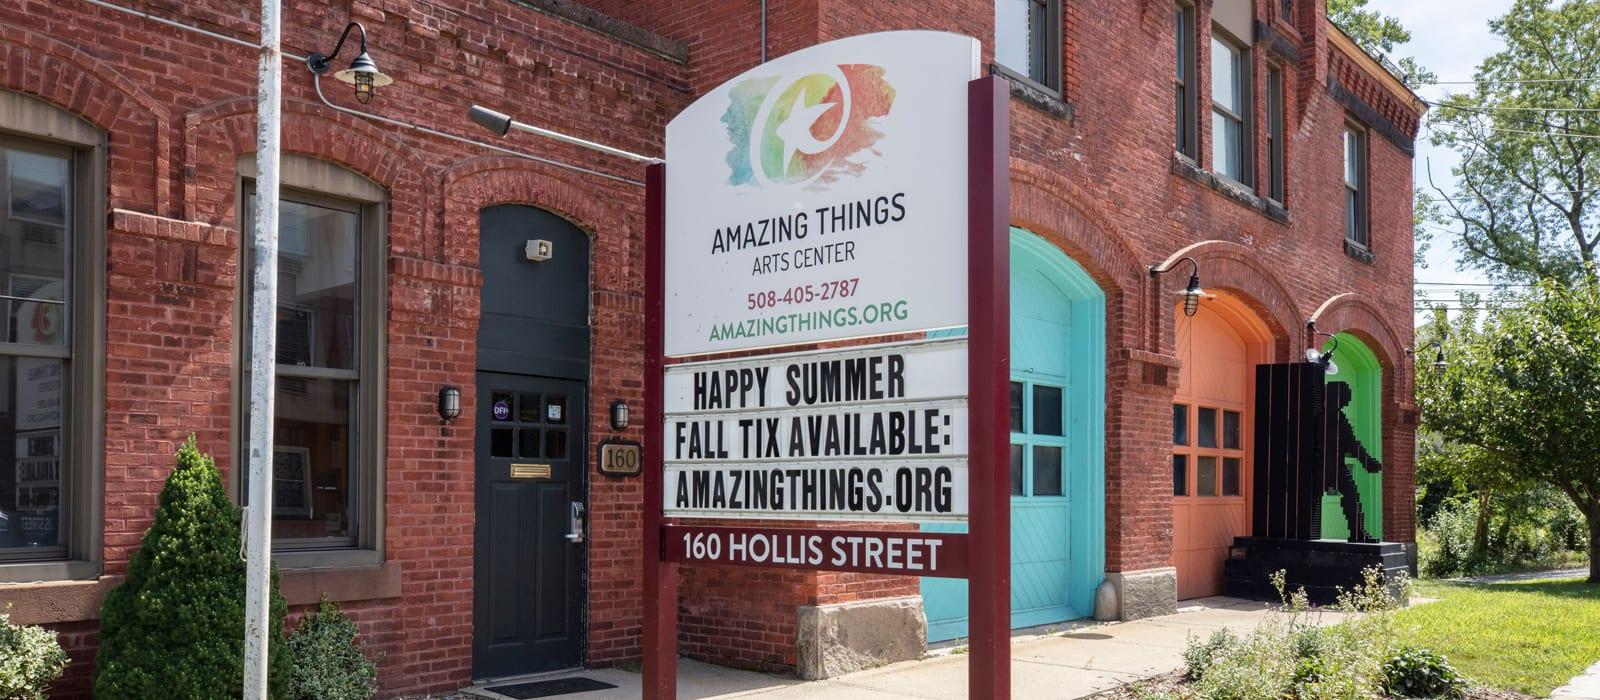 Art Center in Framingham, MA